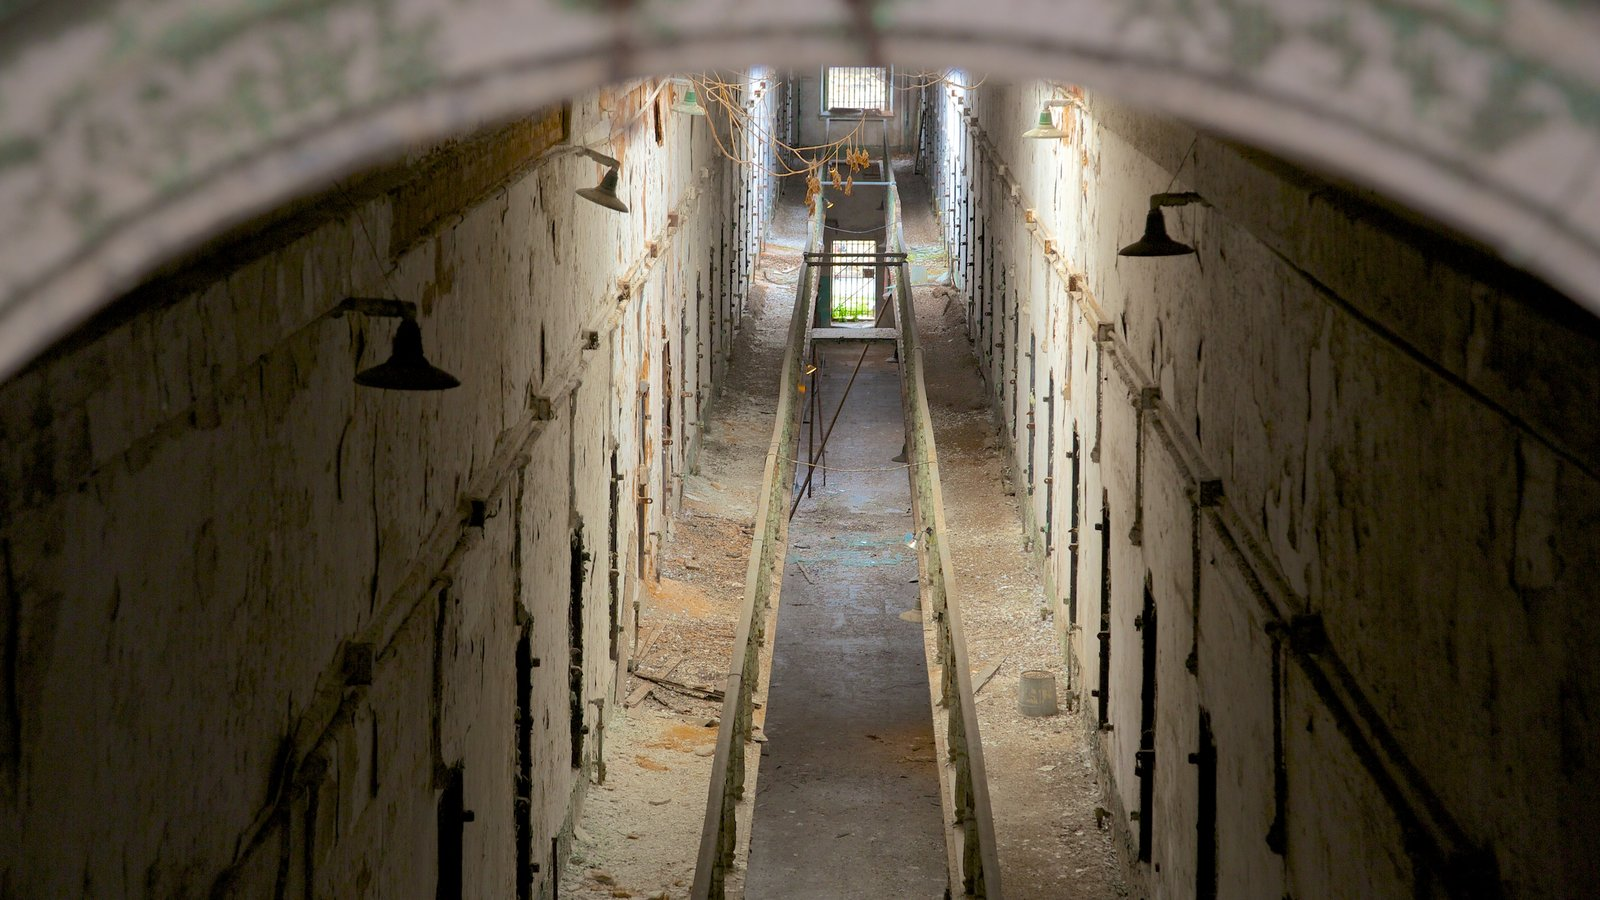 Eastern State Penitentiary ofreciendo vistas interiores